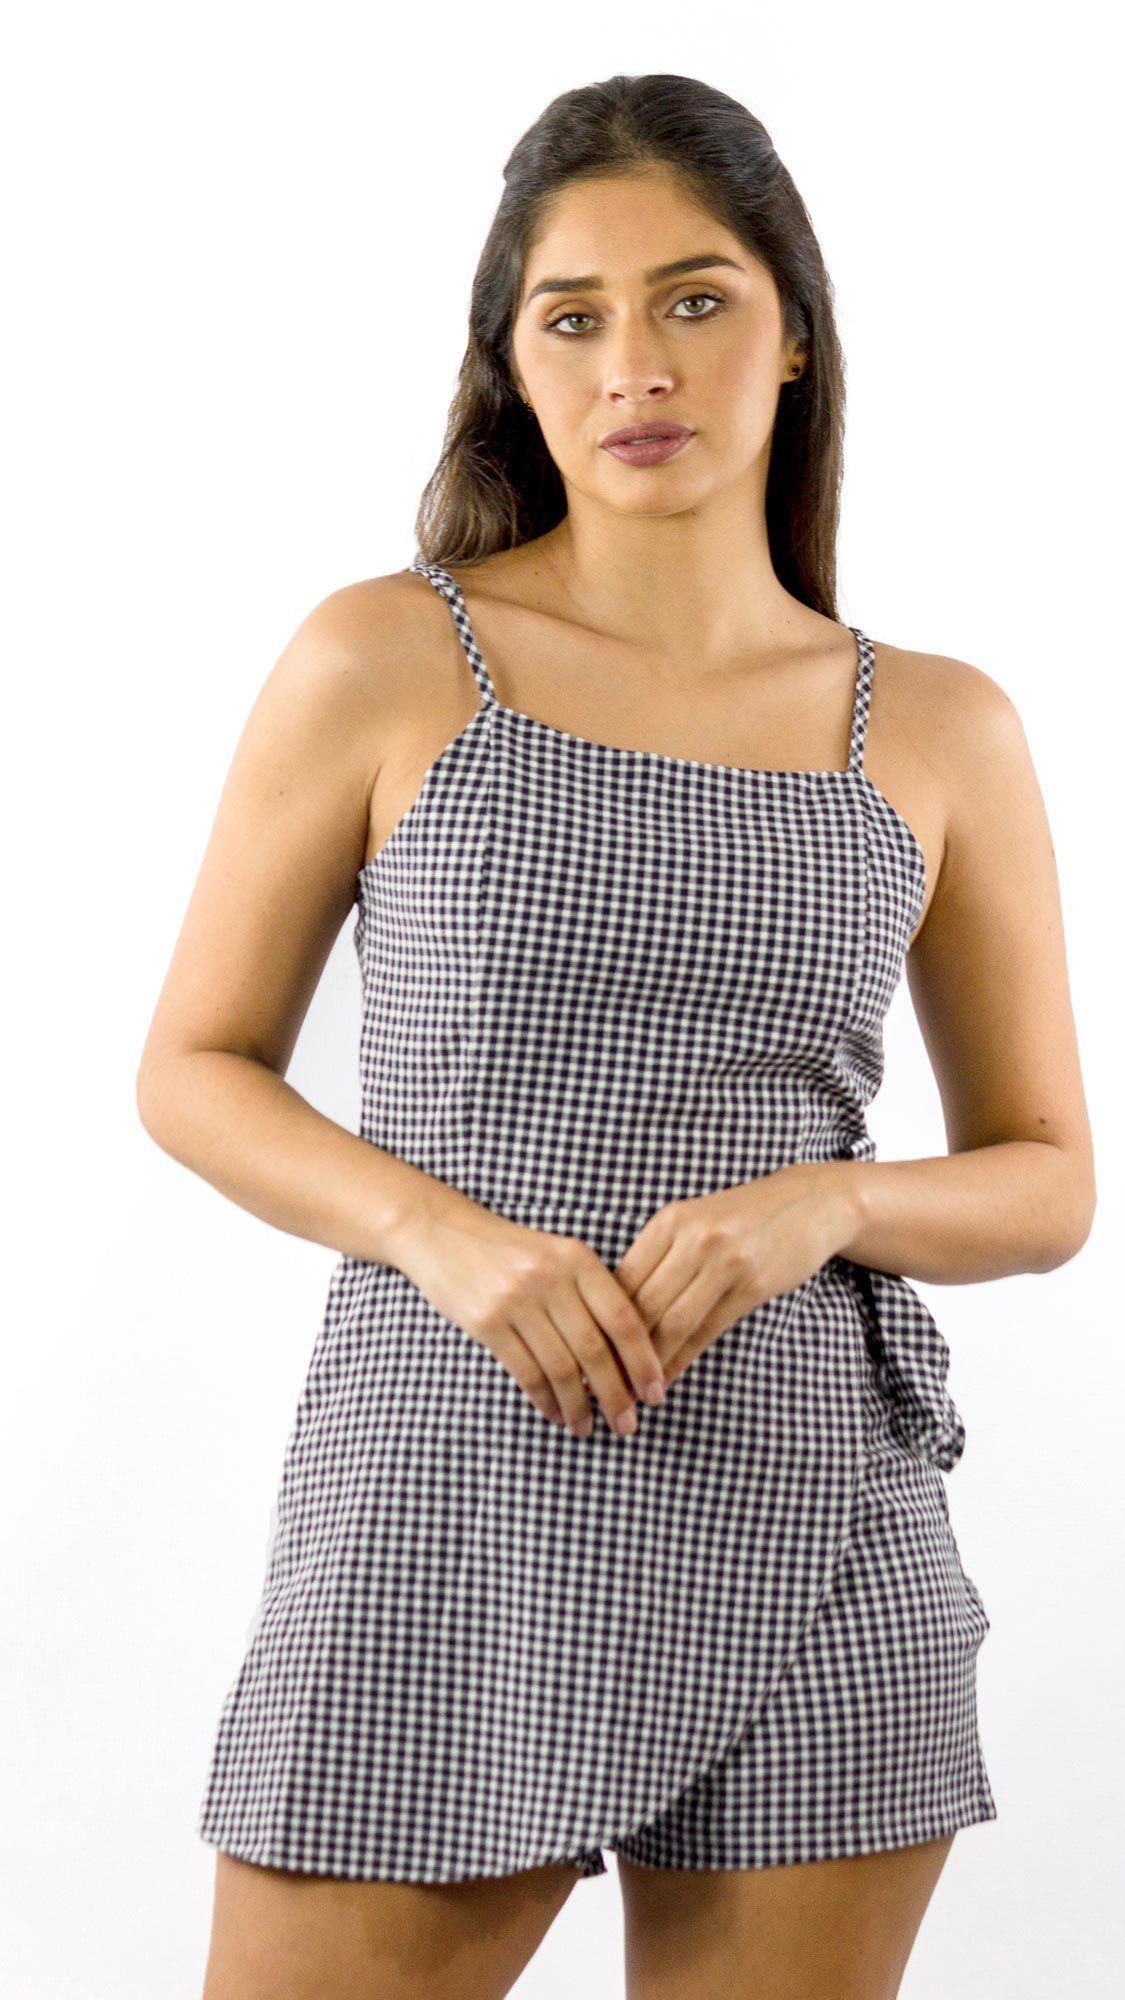 cdded56e1 NotoriaStore: Moda Feminina Florianópolis - Online Macacão curto xadrez